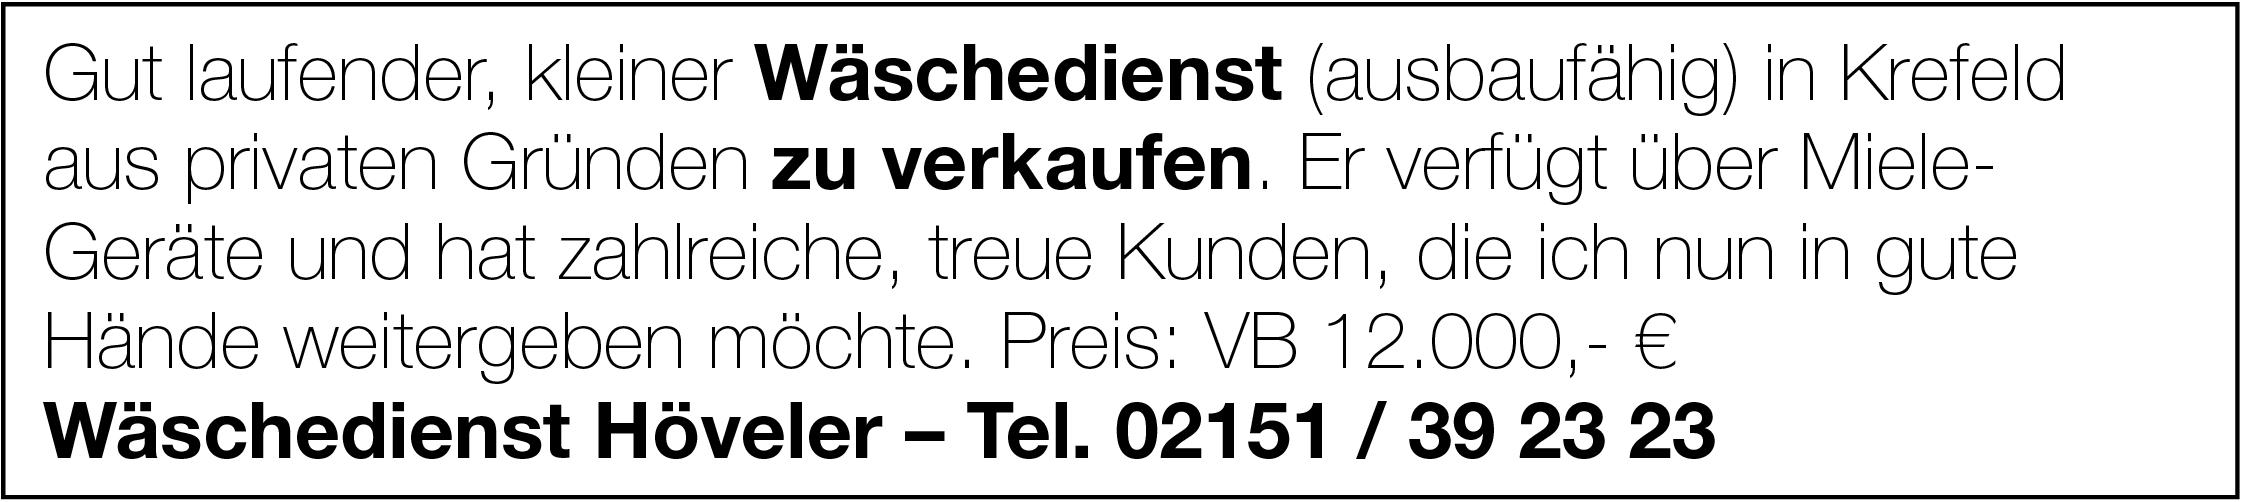 Wäschedienst in Krefeld zu verkaufen